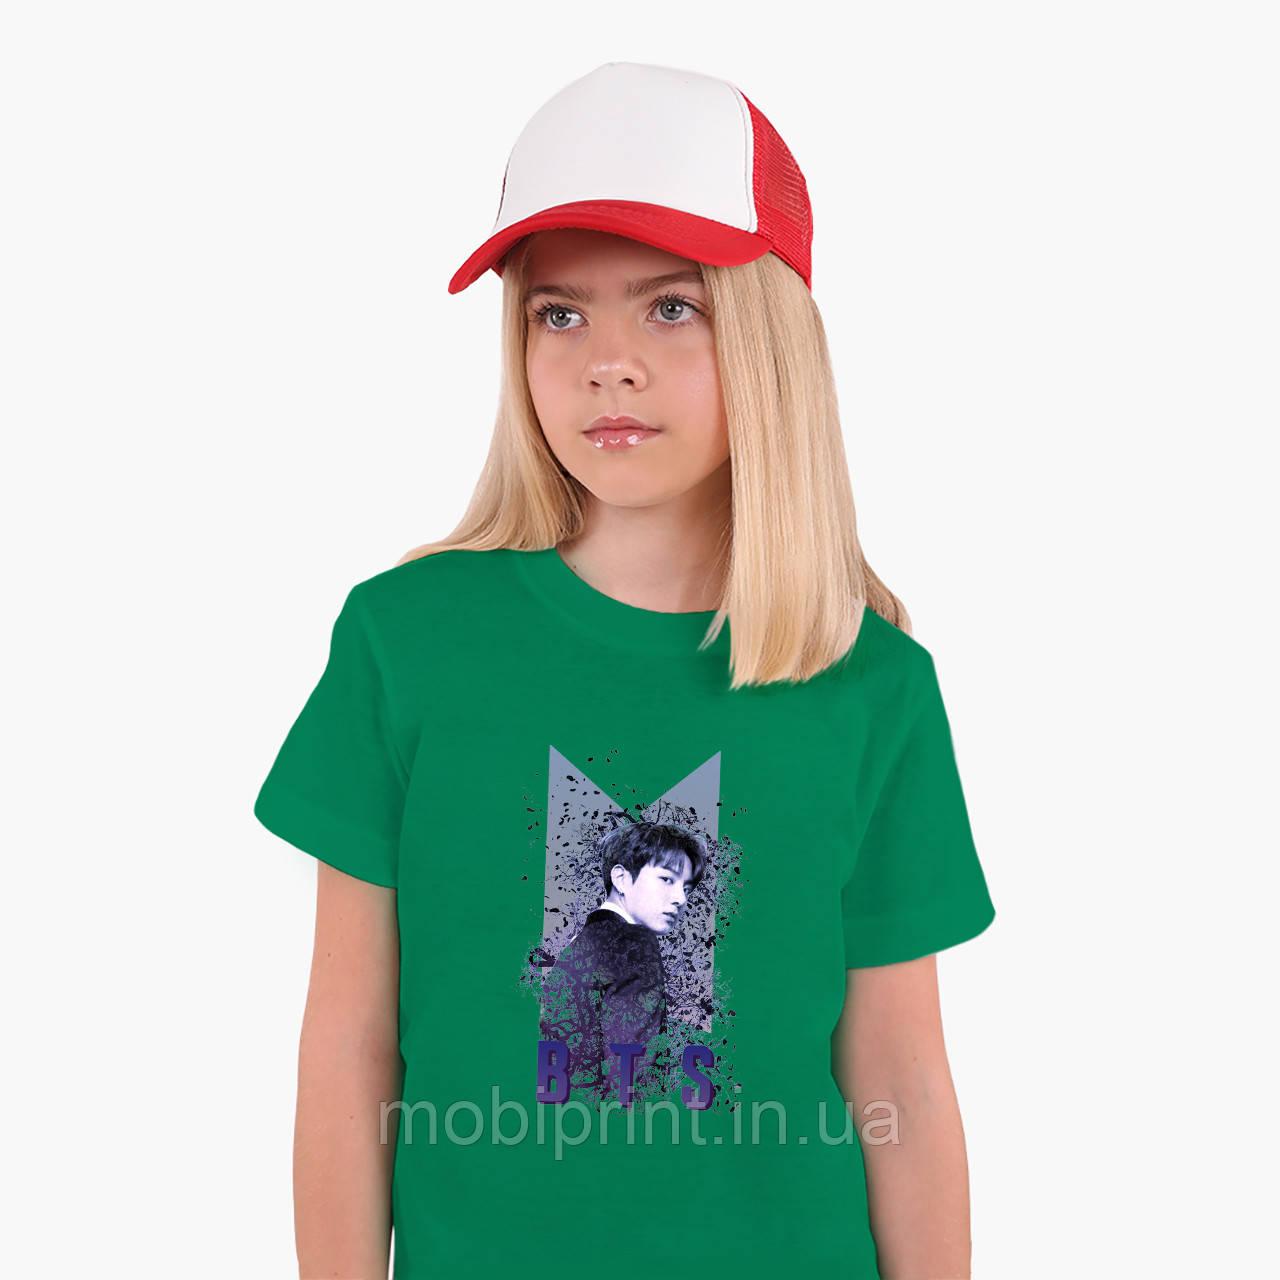 Детская футболка для девочек БТС (BTS) (25186-1065) Зеленый